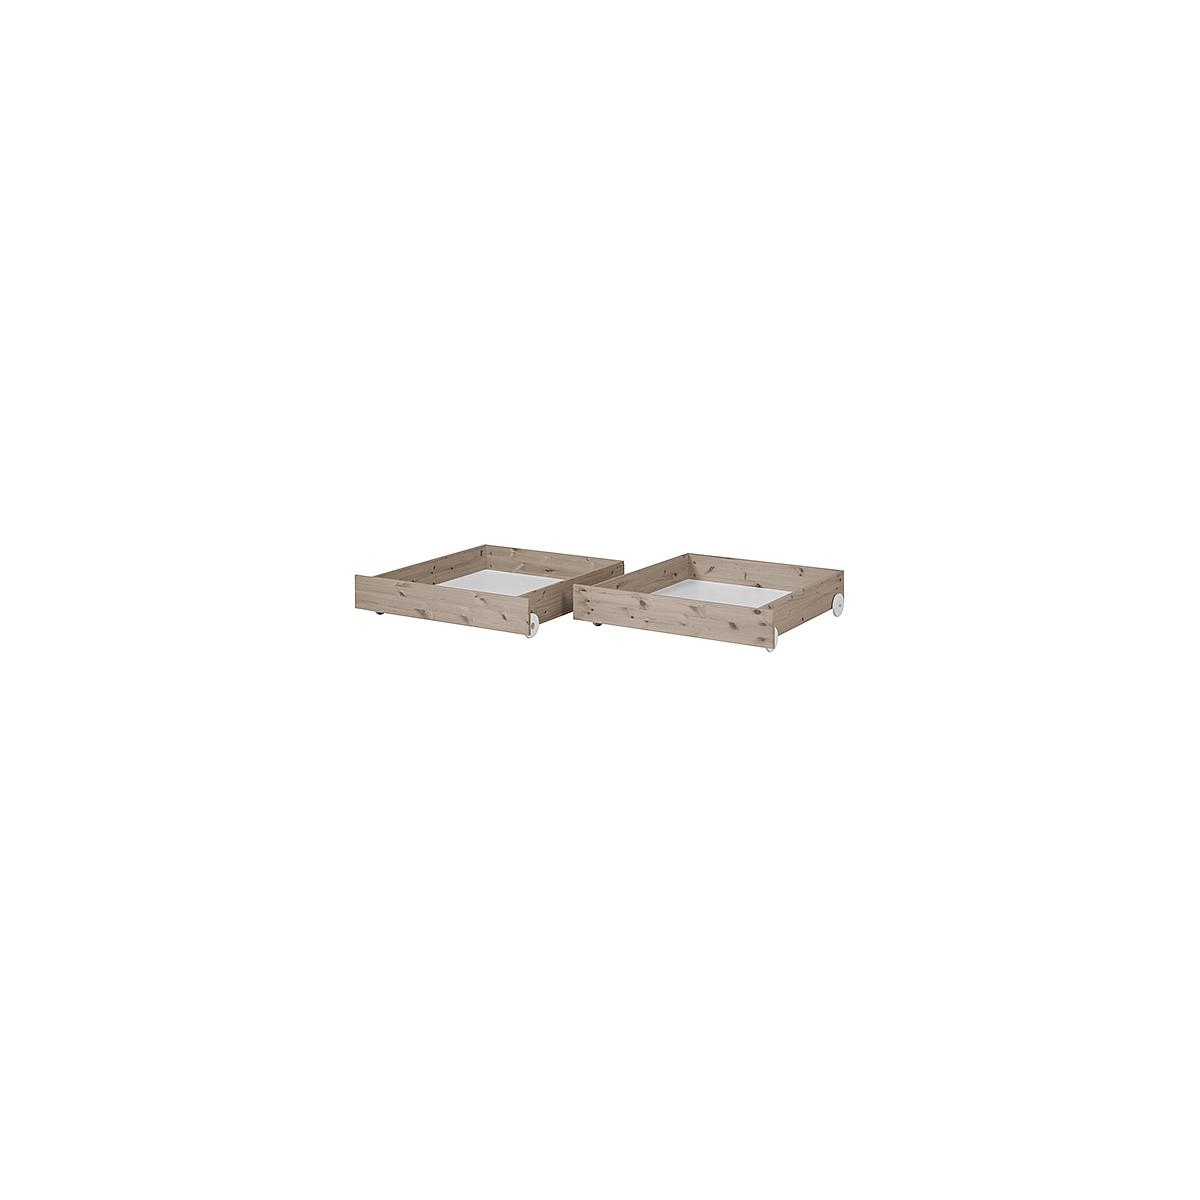 TERRA by Flexa Ensemble de 2 tiroirs brun pour lit simple ou lit superposé 90x200 cm